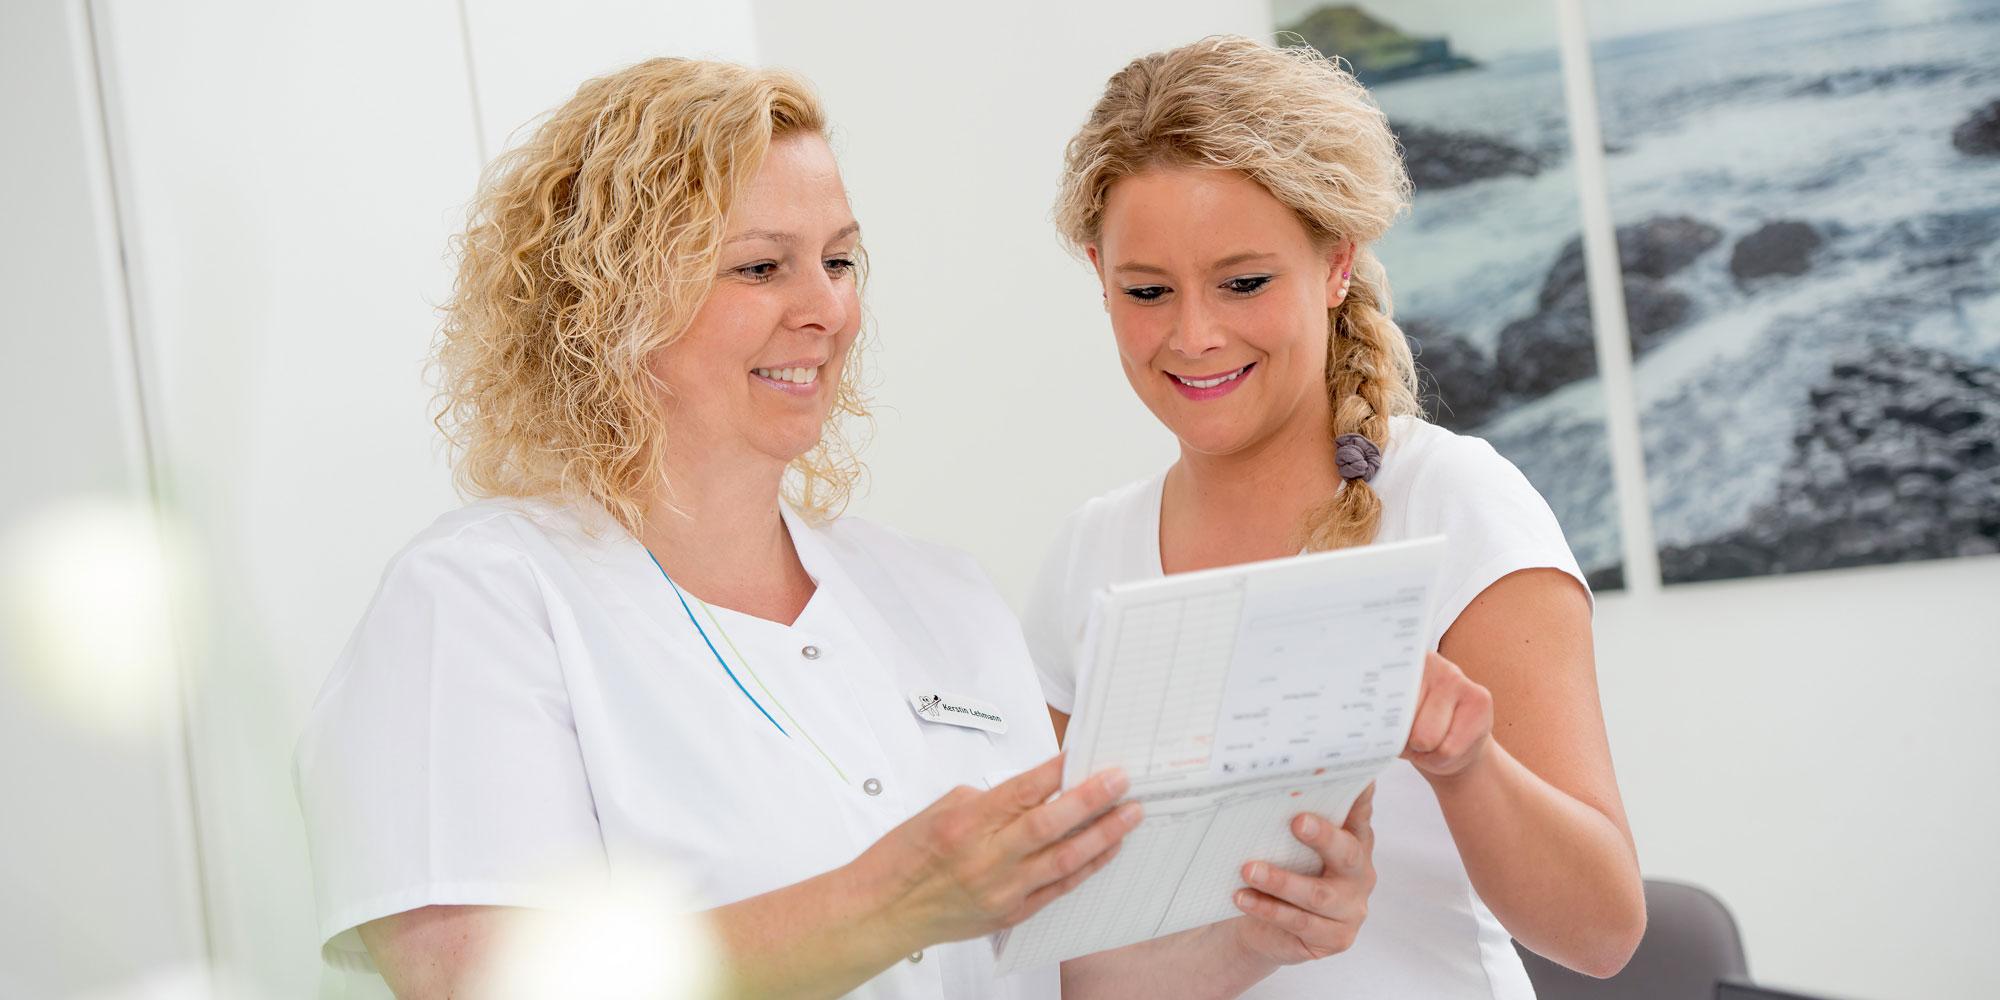 Datenschutzhinweise für Patienten